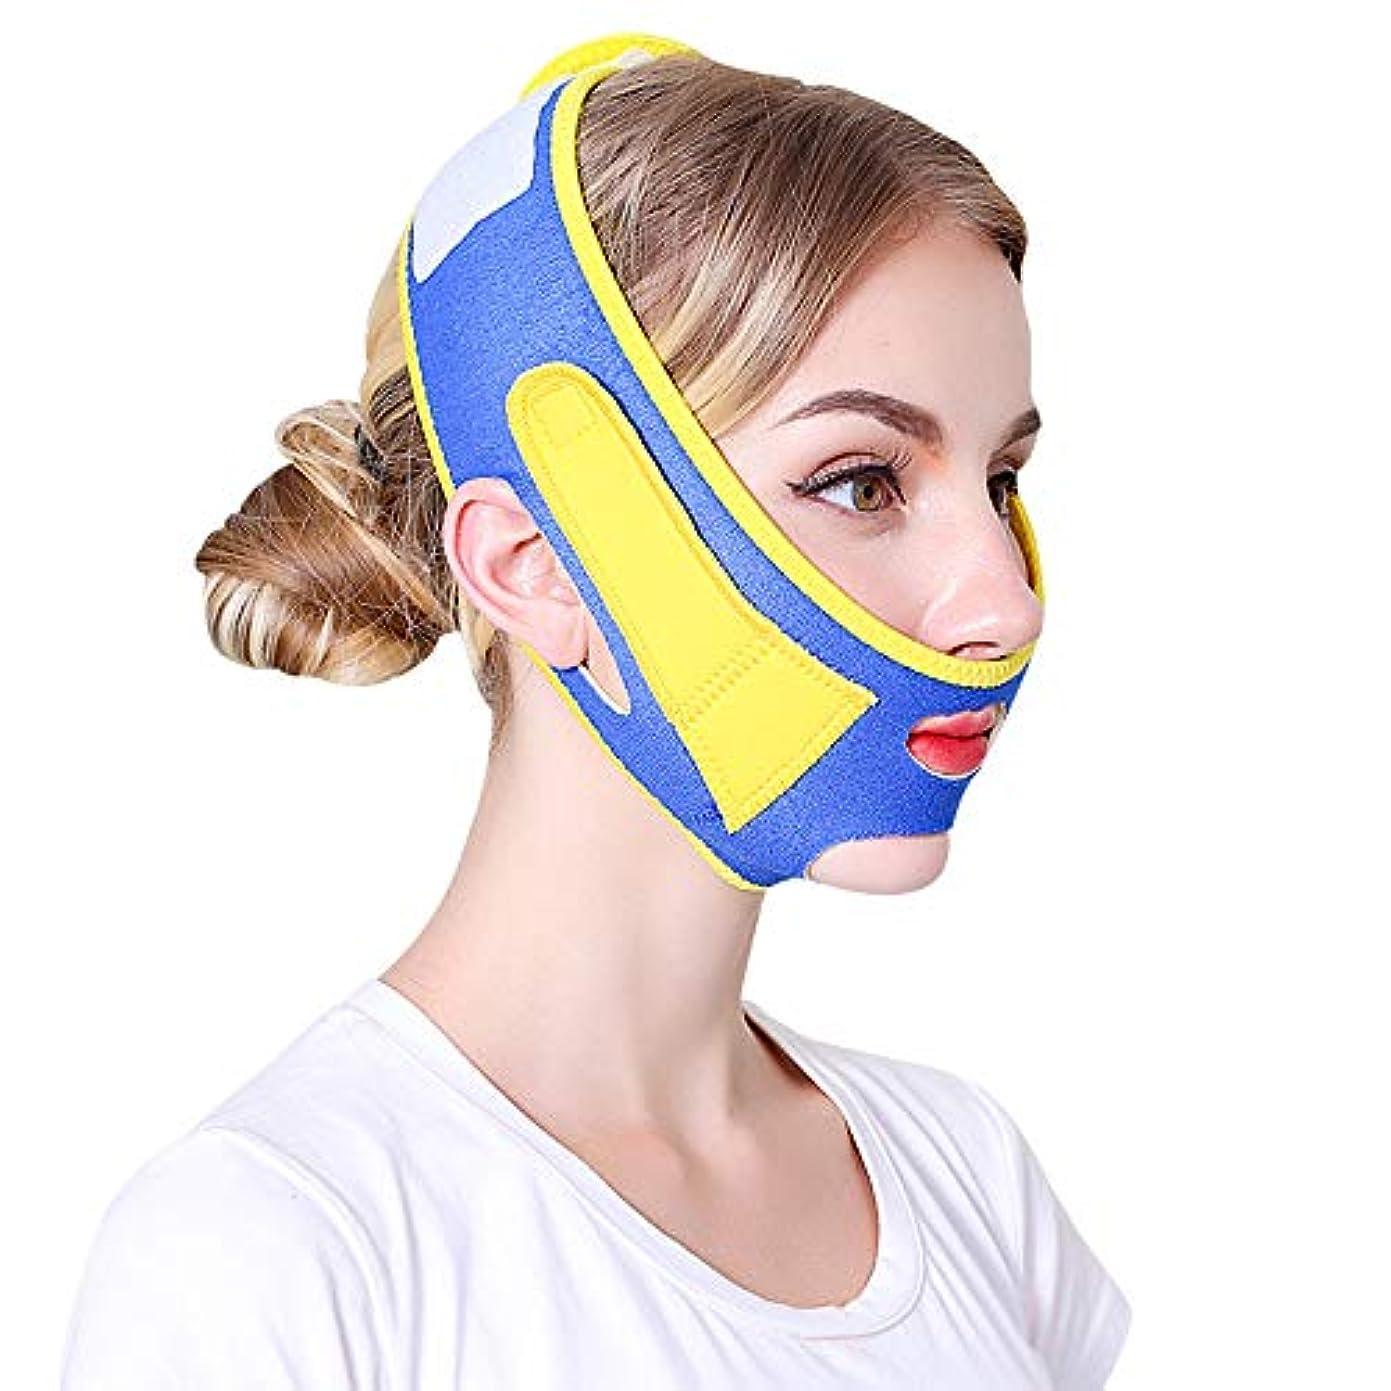 列挙するインストラクター腸Kozzim小顔 ベルト リフトアップ 顔痩せ グッズ フェイスマスク メンズ レディース (青K1)